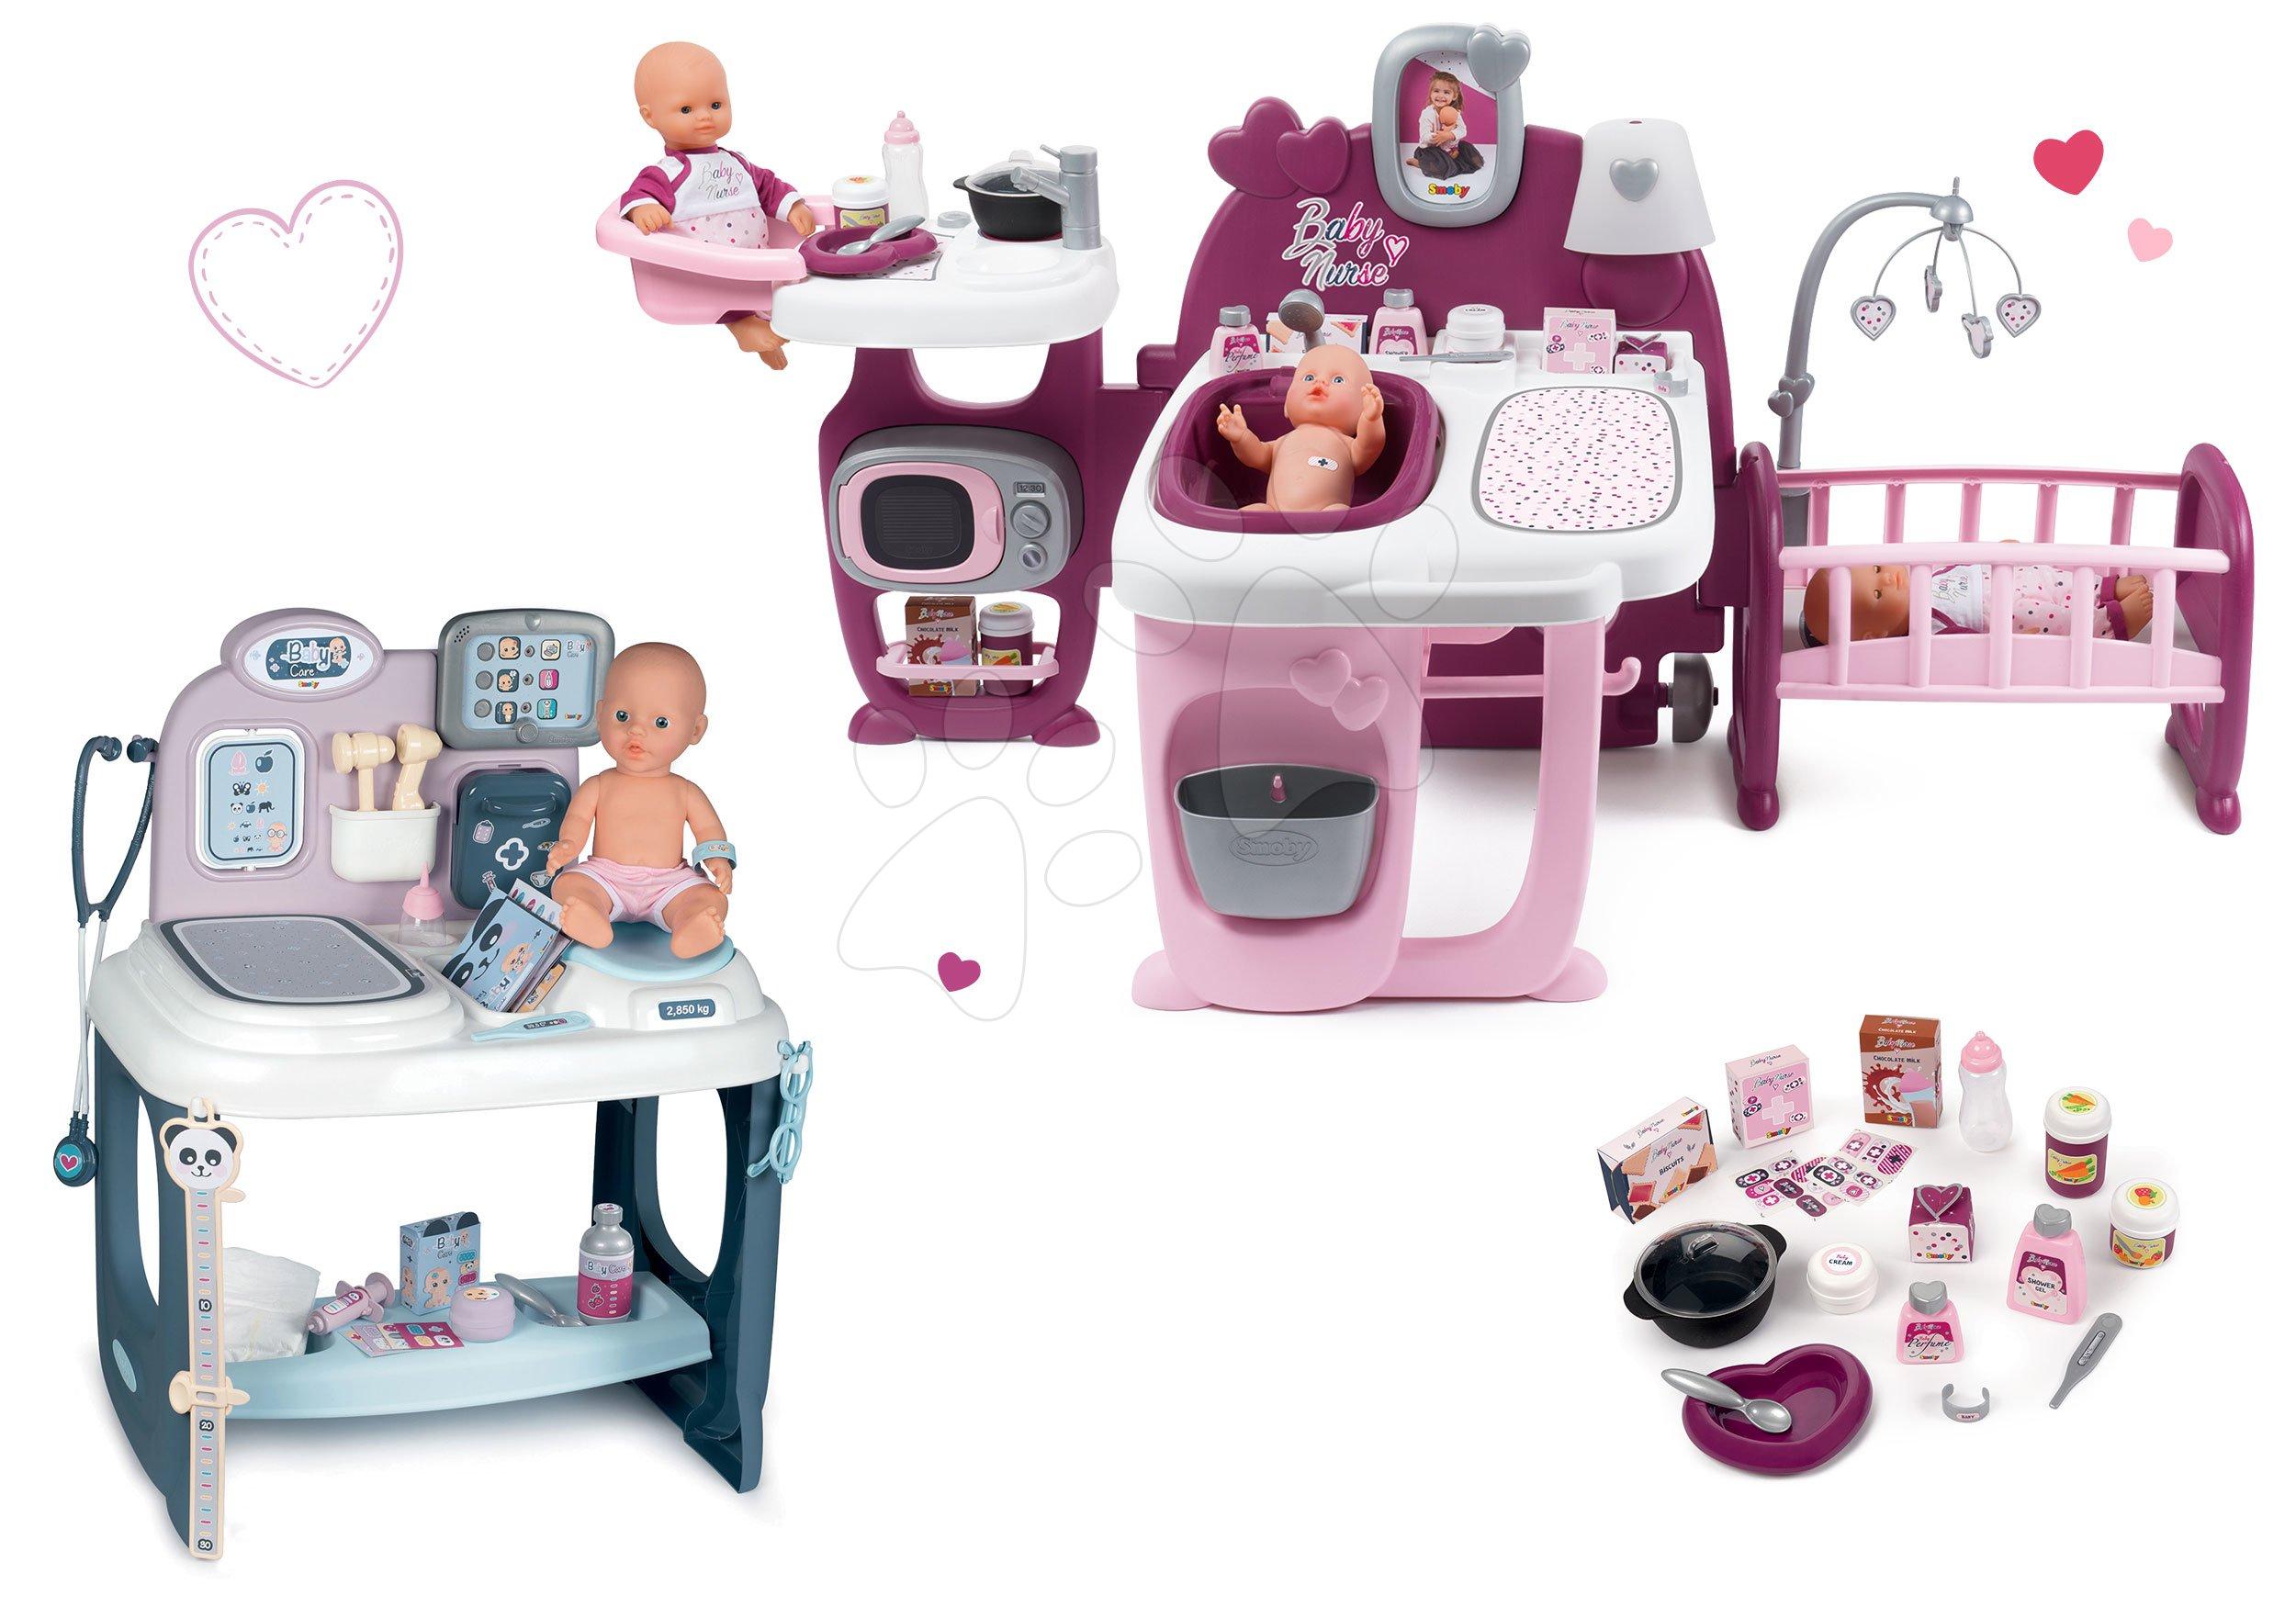 Set domček pre bábiku Violette Baby Nurse Large Doll's Play Center Smoby a zdravotnícky pult so zvukom a svetlom a s cikajúcou bábikou